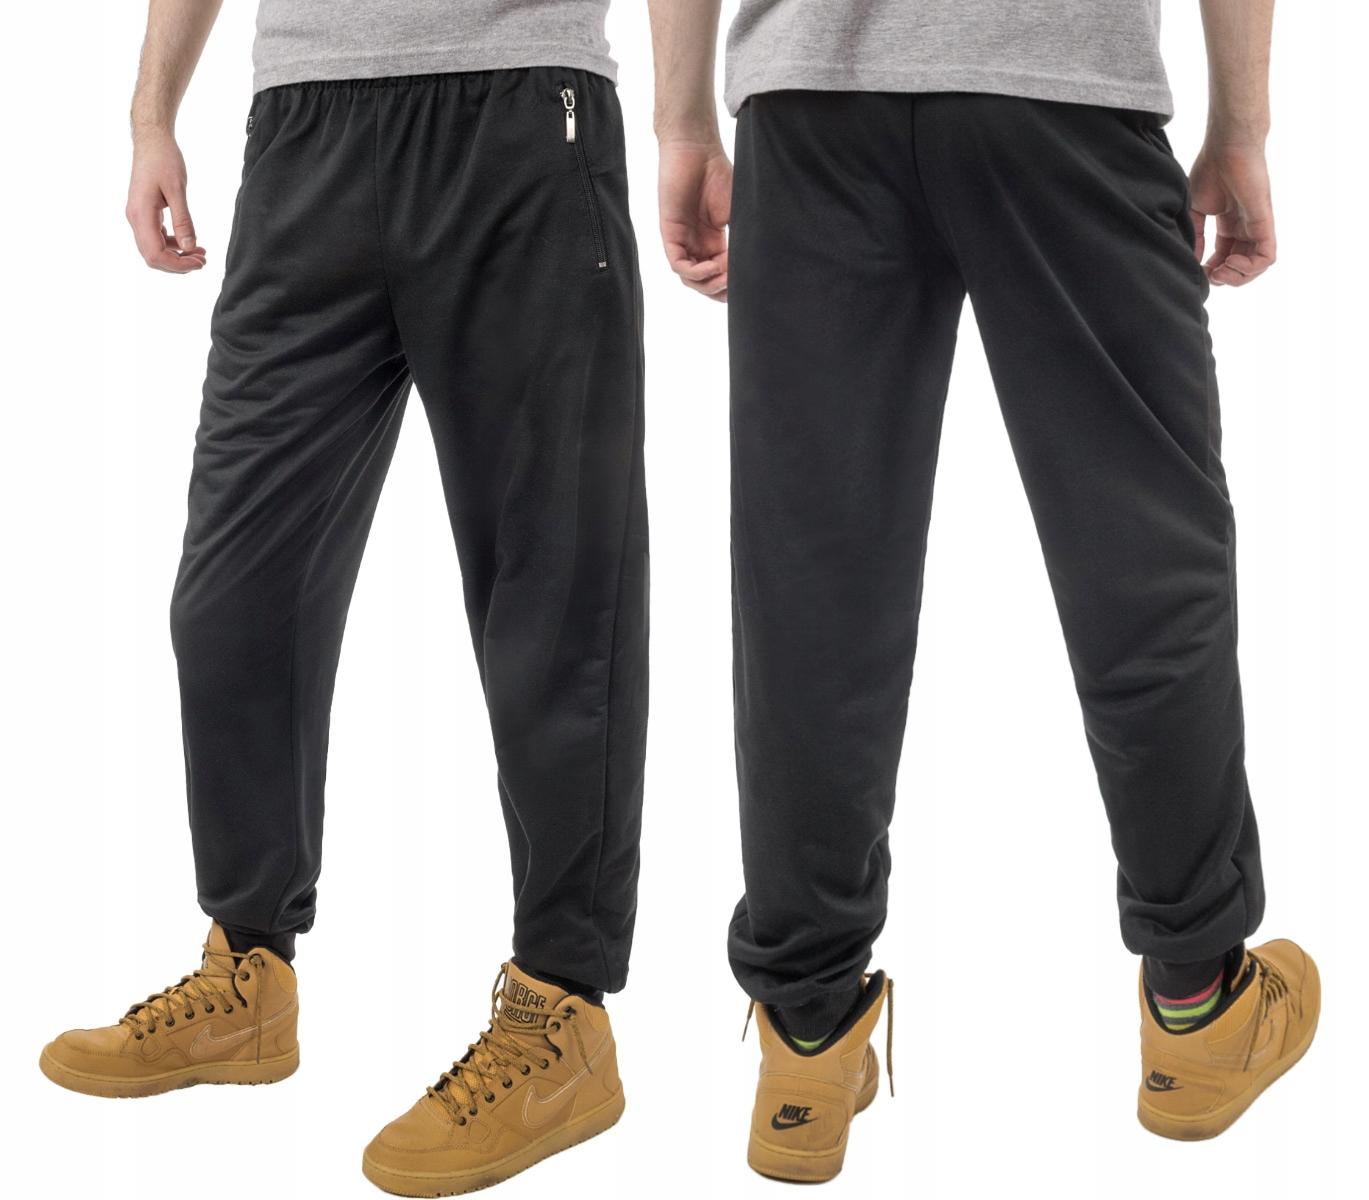 Spodnie męskie Nike Sportswear skrojone idealnie na Ciebie